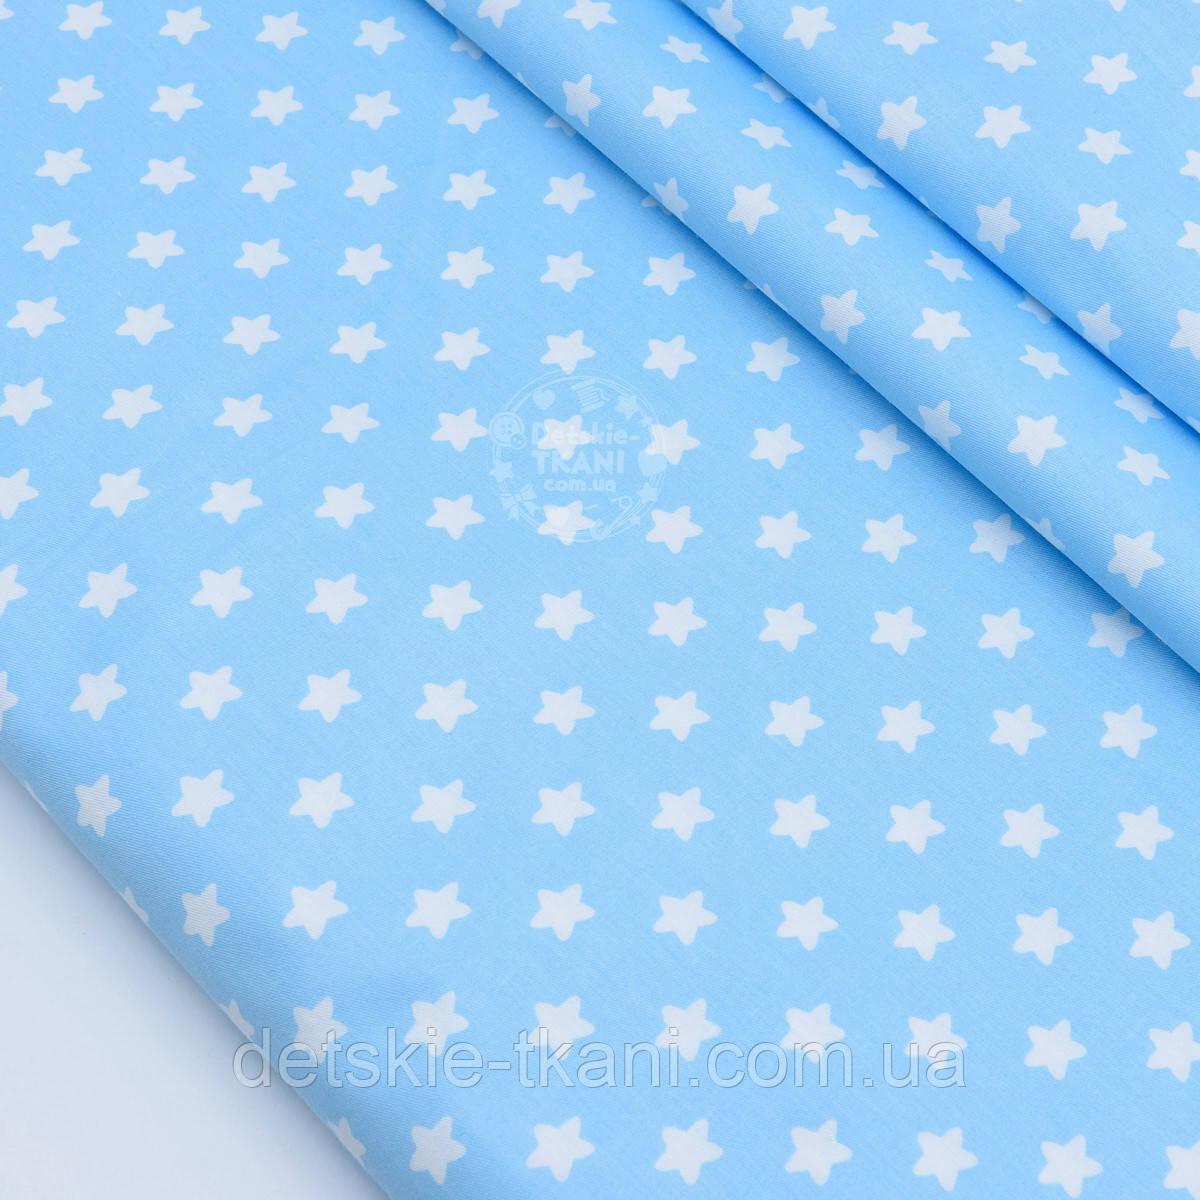 """Сатин тканина """"Однакові густі зірочки 12 мм"""" білі на блакитному, № 1702с"""